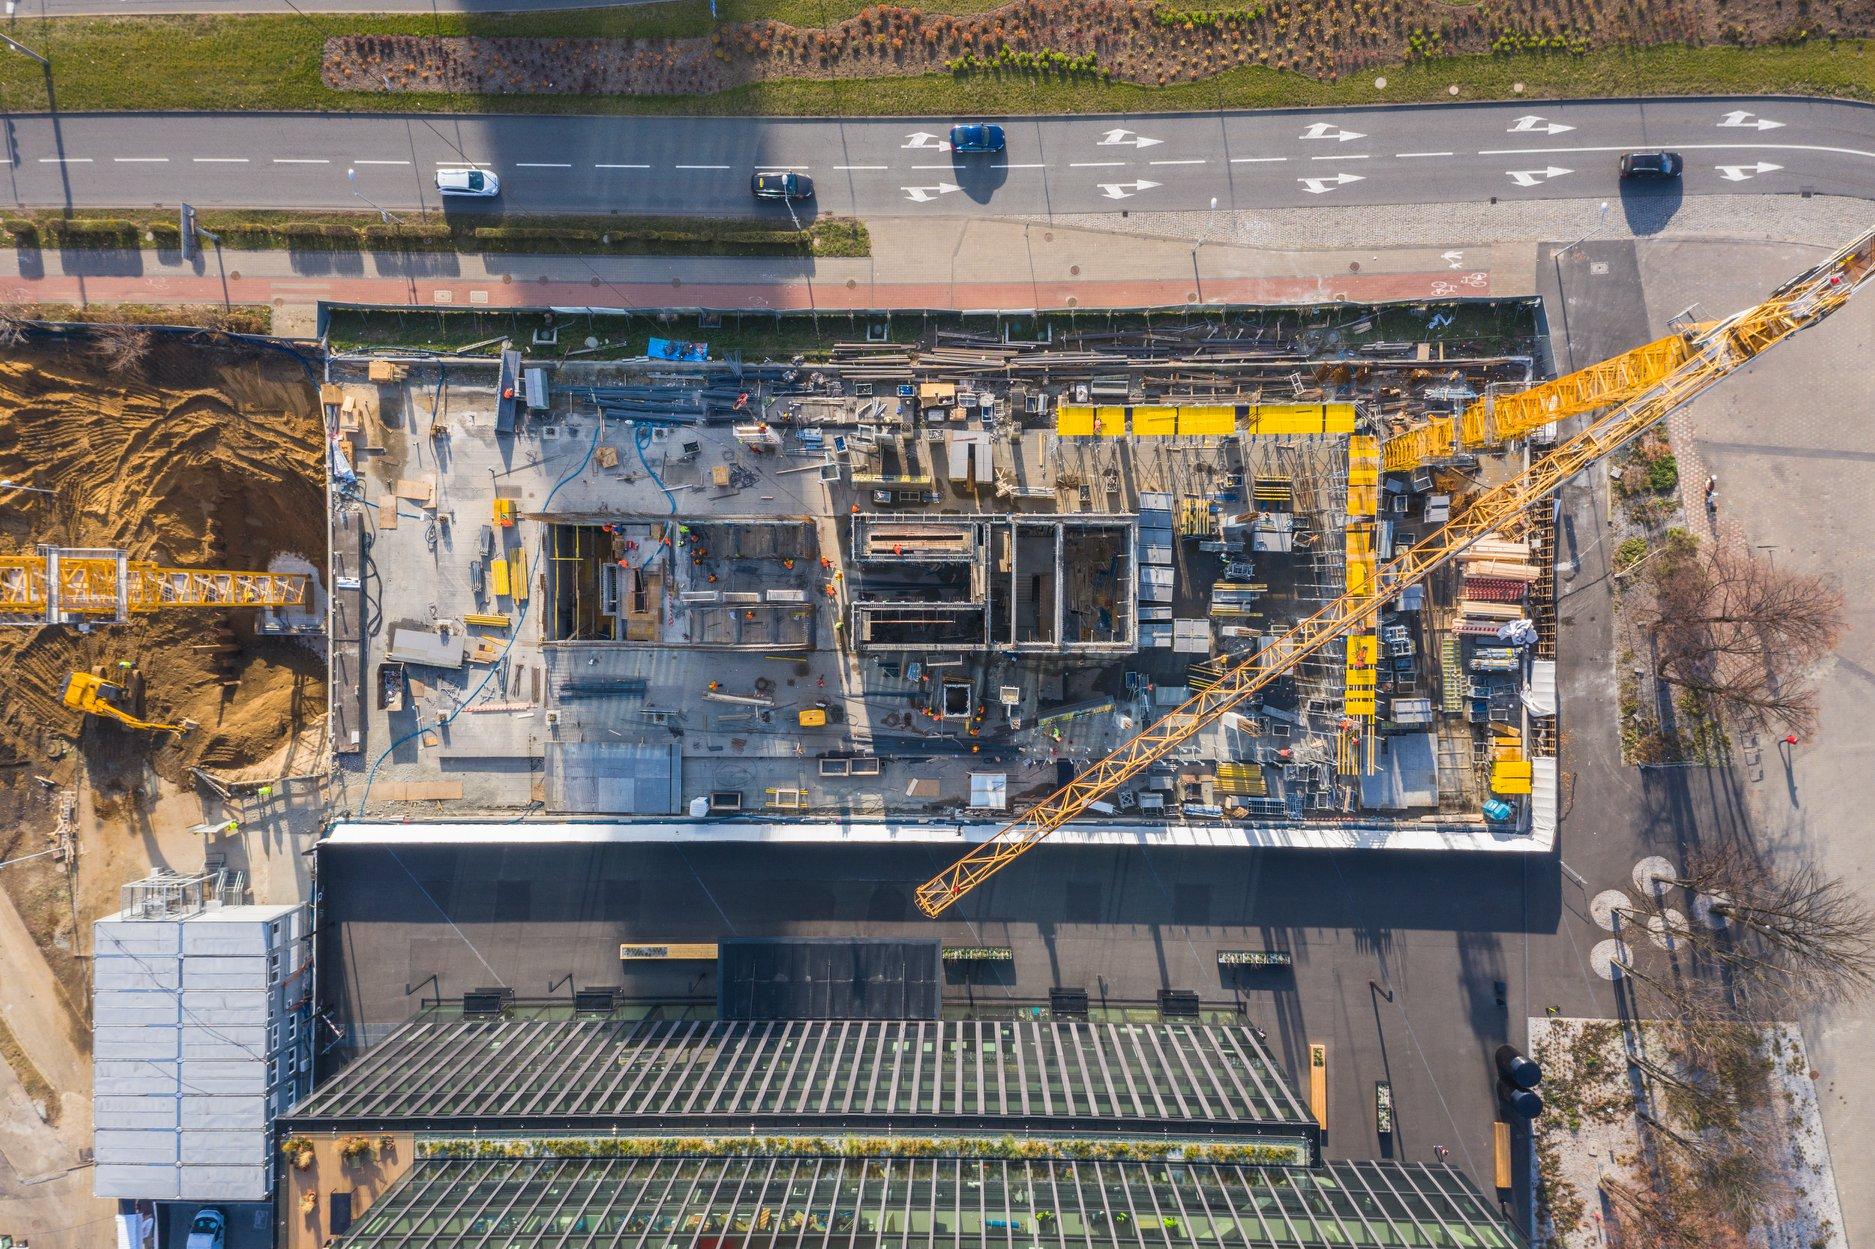 Budowa KTW II w Katowicach: pierwsze ściany już stoją [ZDJĘCIA] (fot. facebook.com/biurowce KTW)